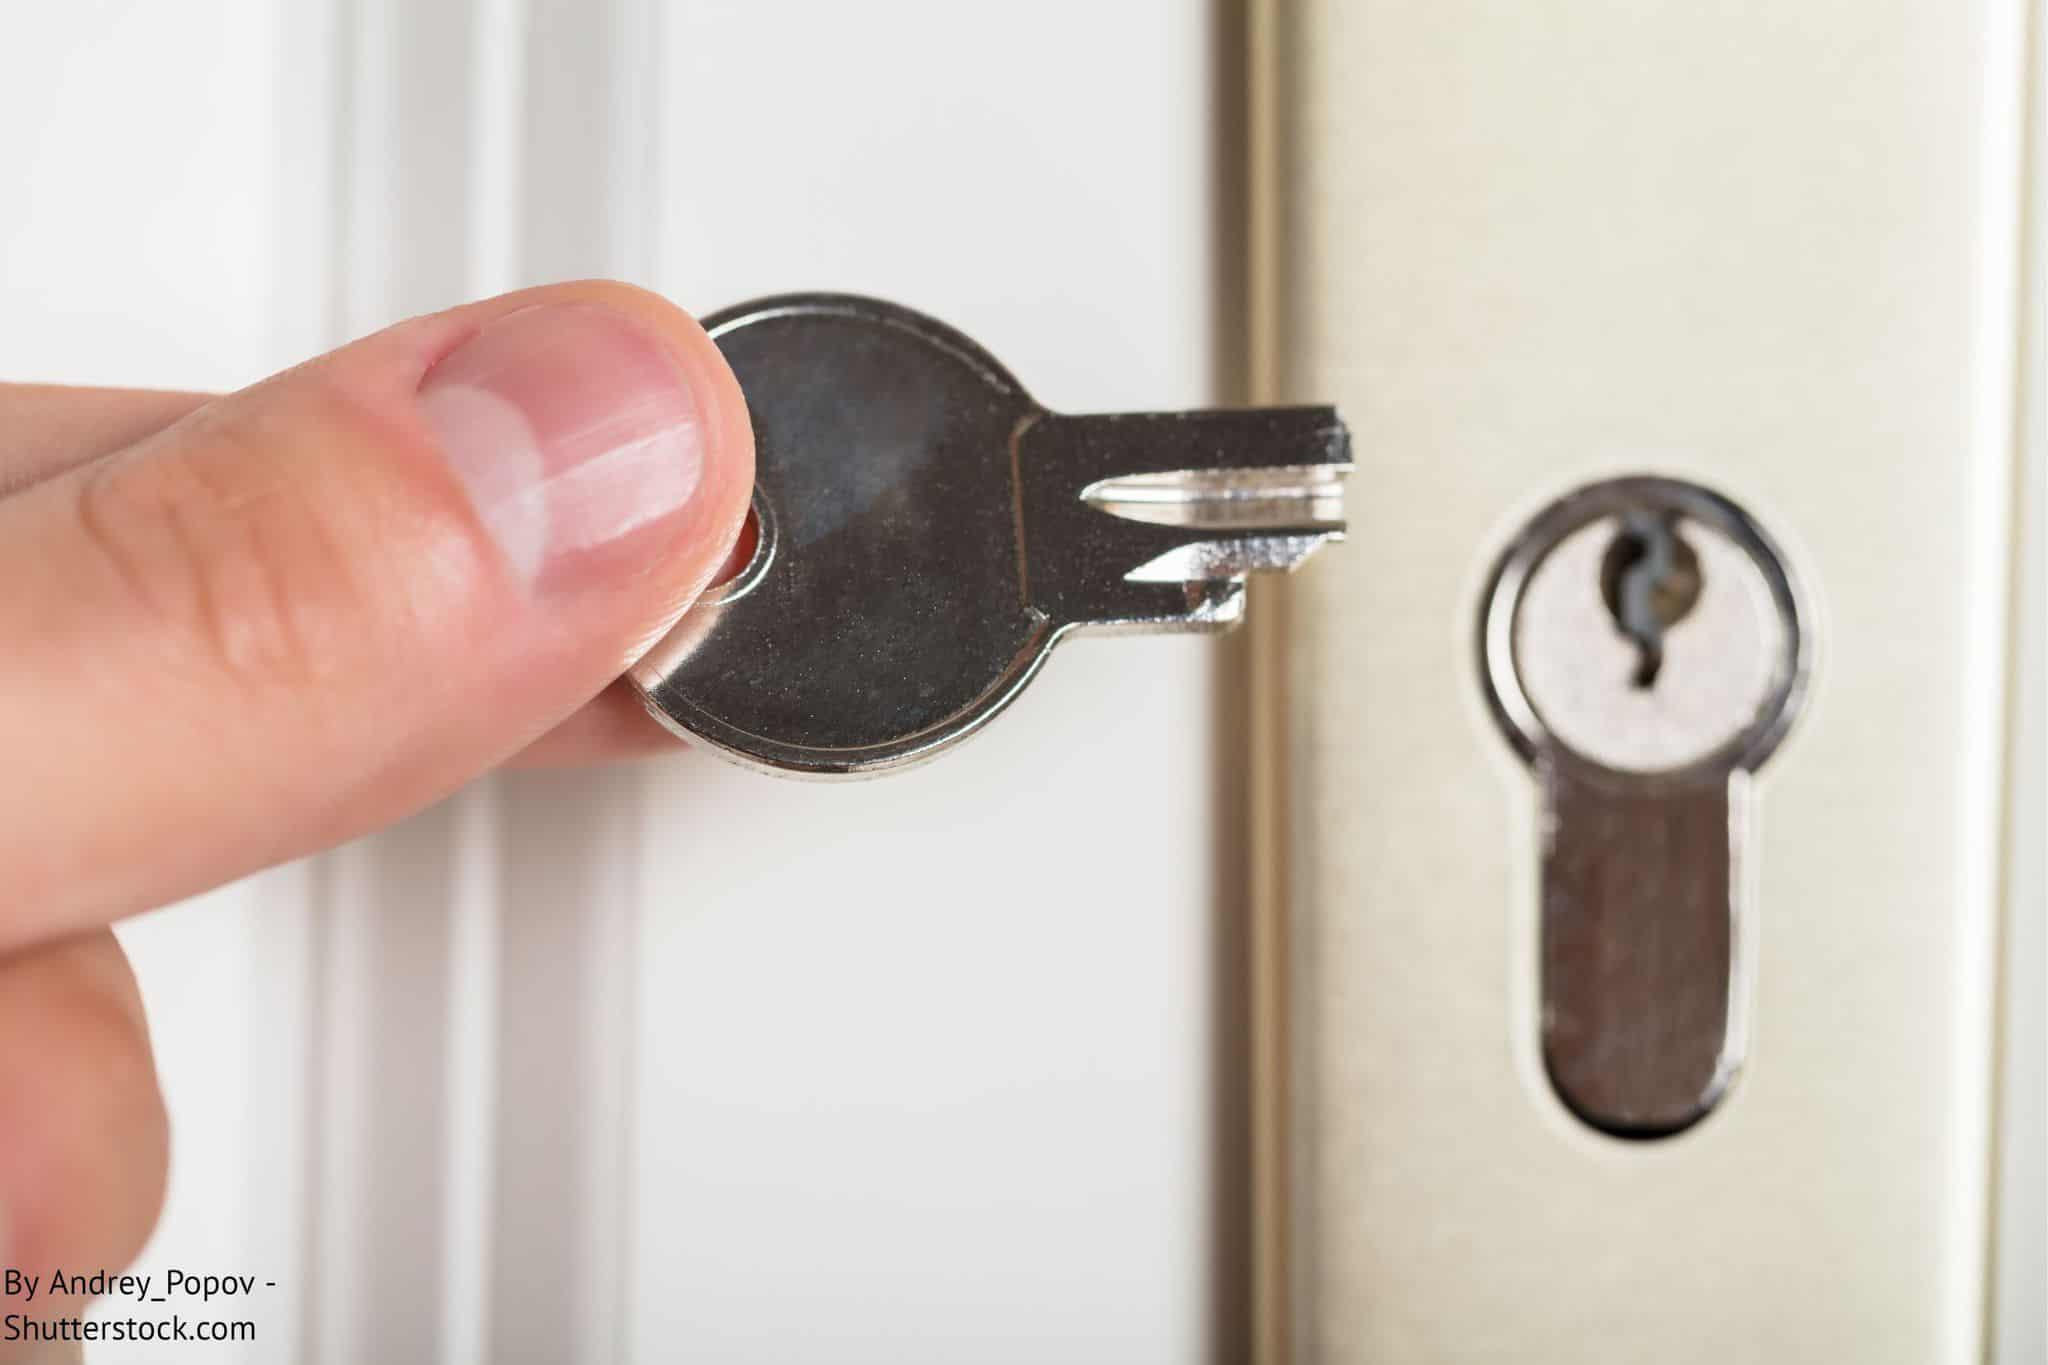 έσπασε το κλειδί στην κλειδαριά